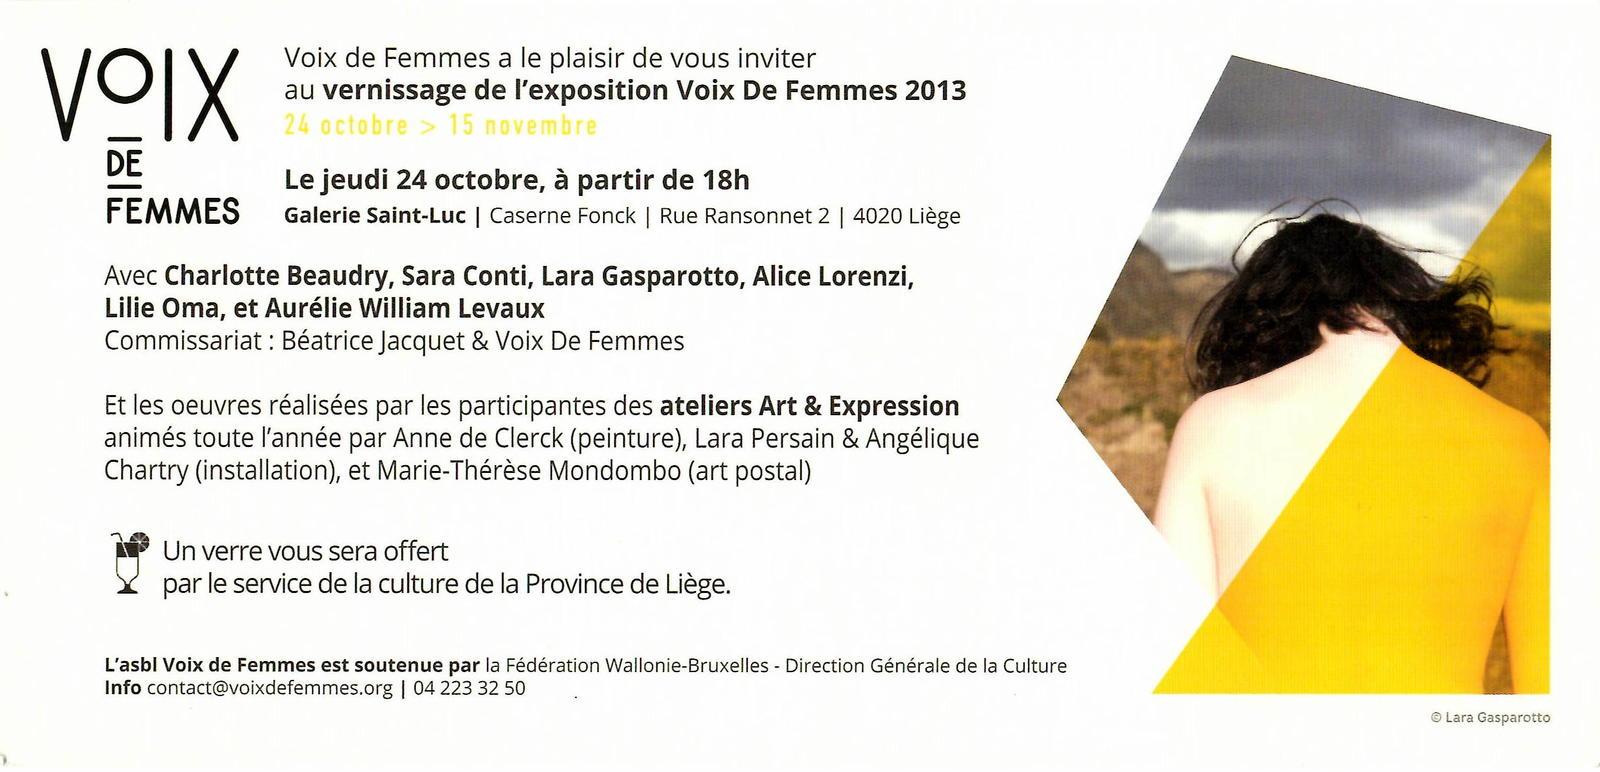 Flyer du vernissage de l'exposition de Voix de Femmes 2013